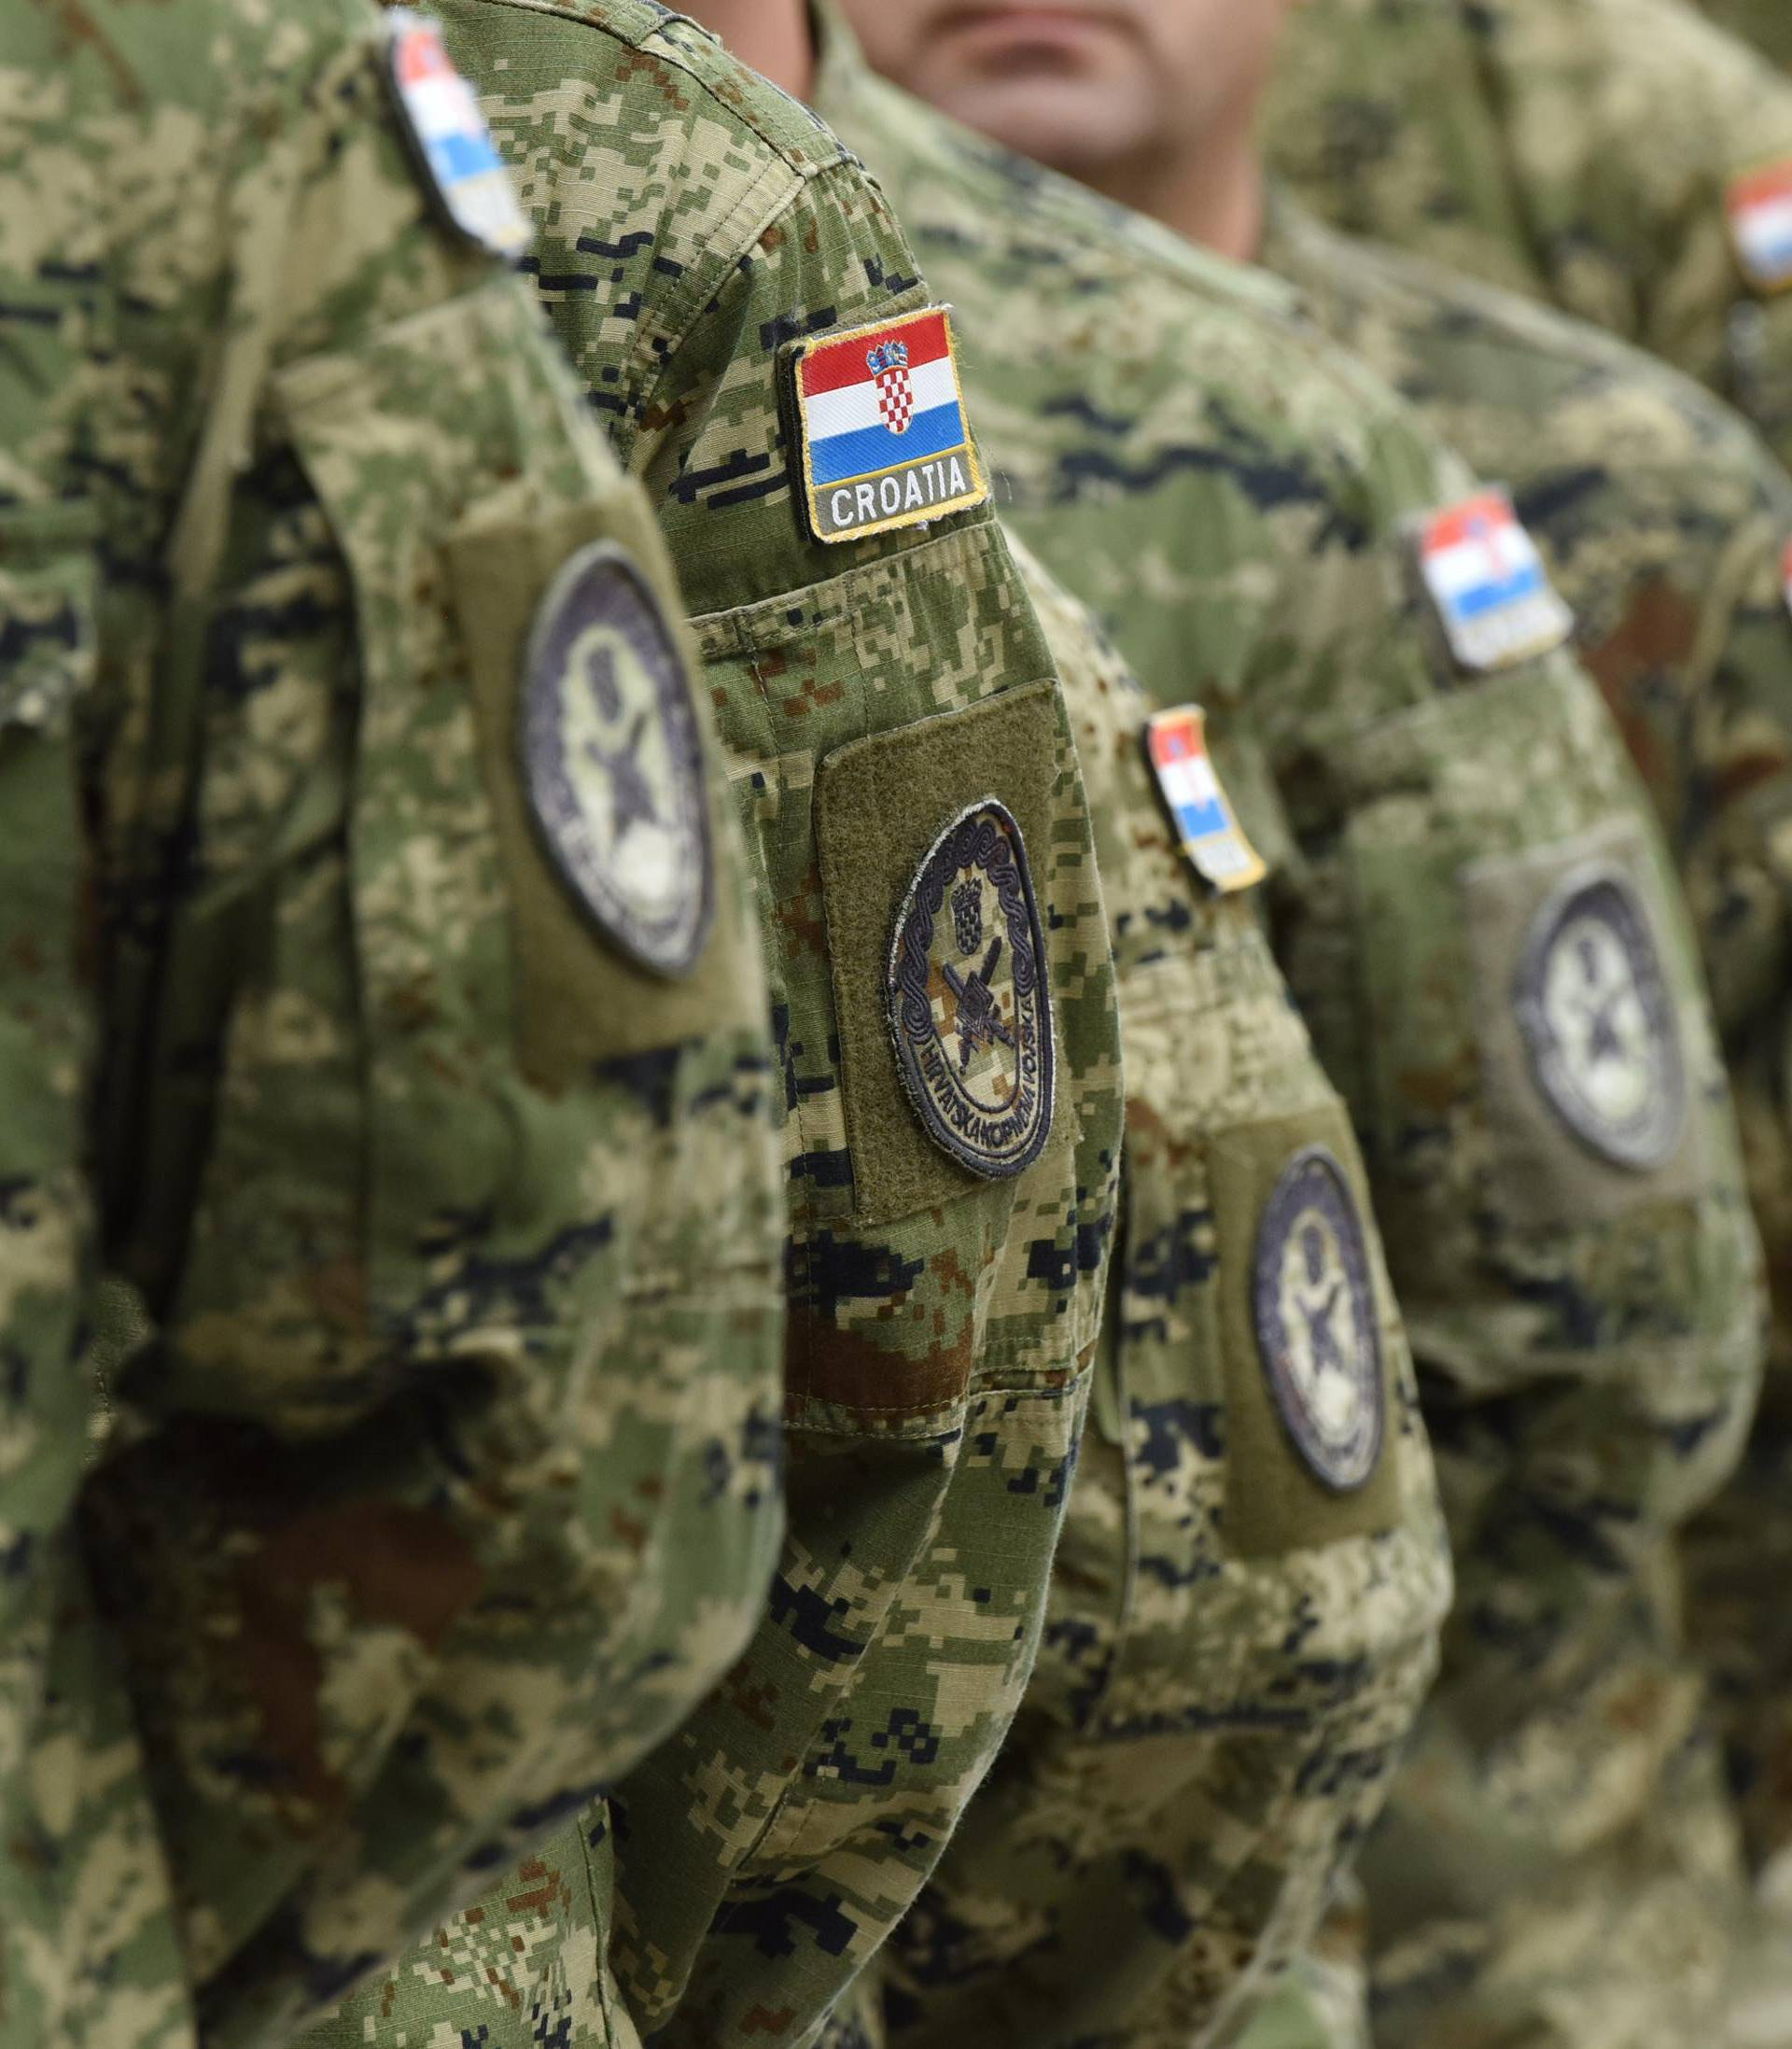 Nagla smrt: Hrvatski vojnik je doživio infarkt ili moždani udar